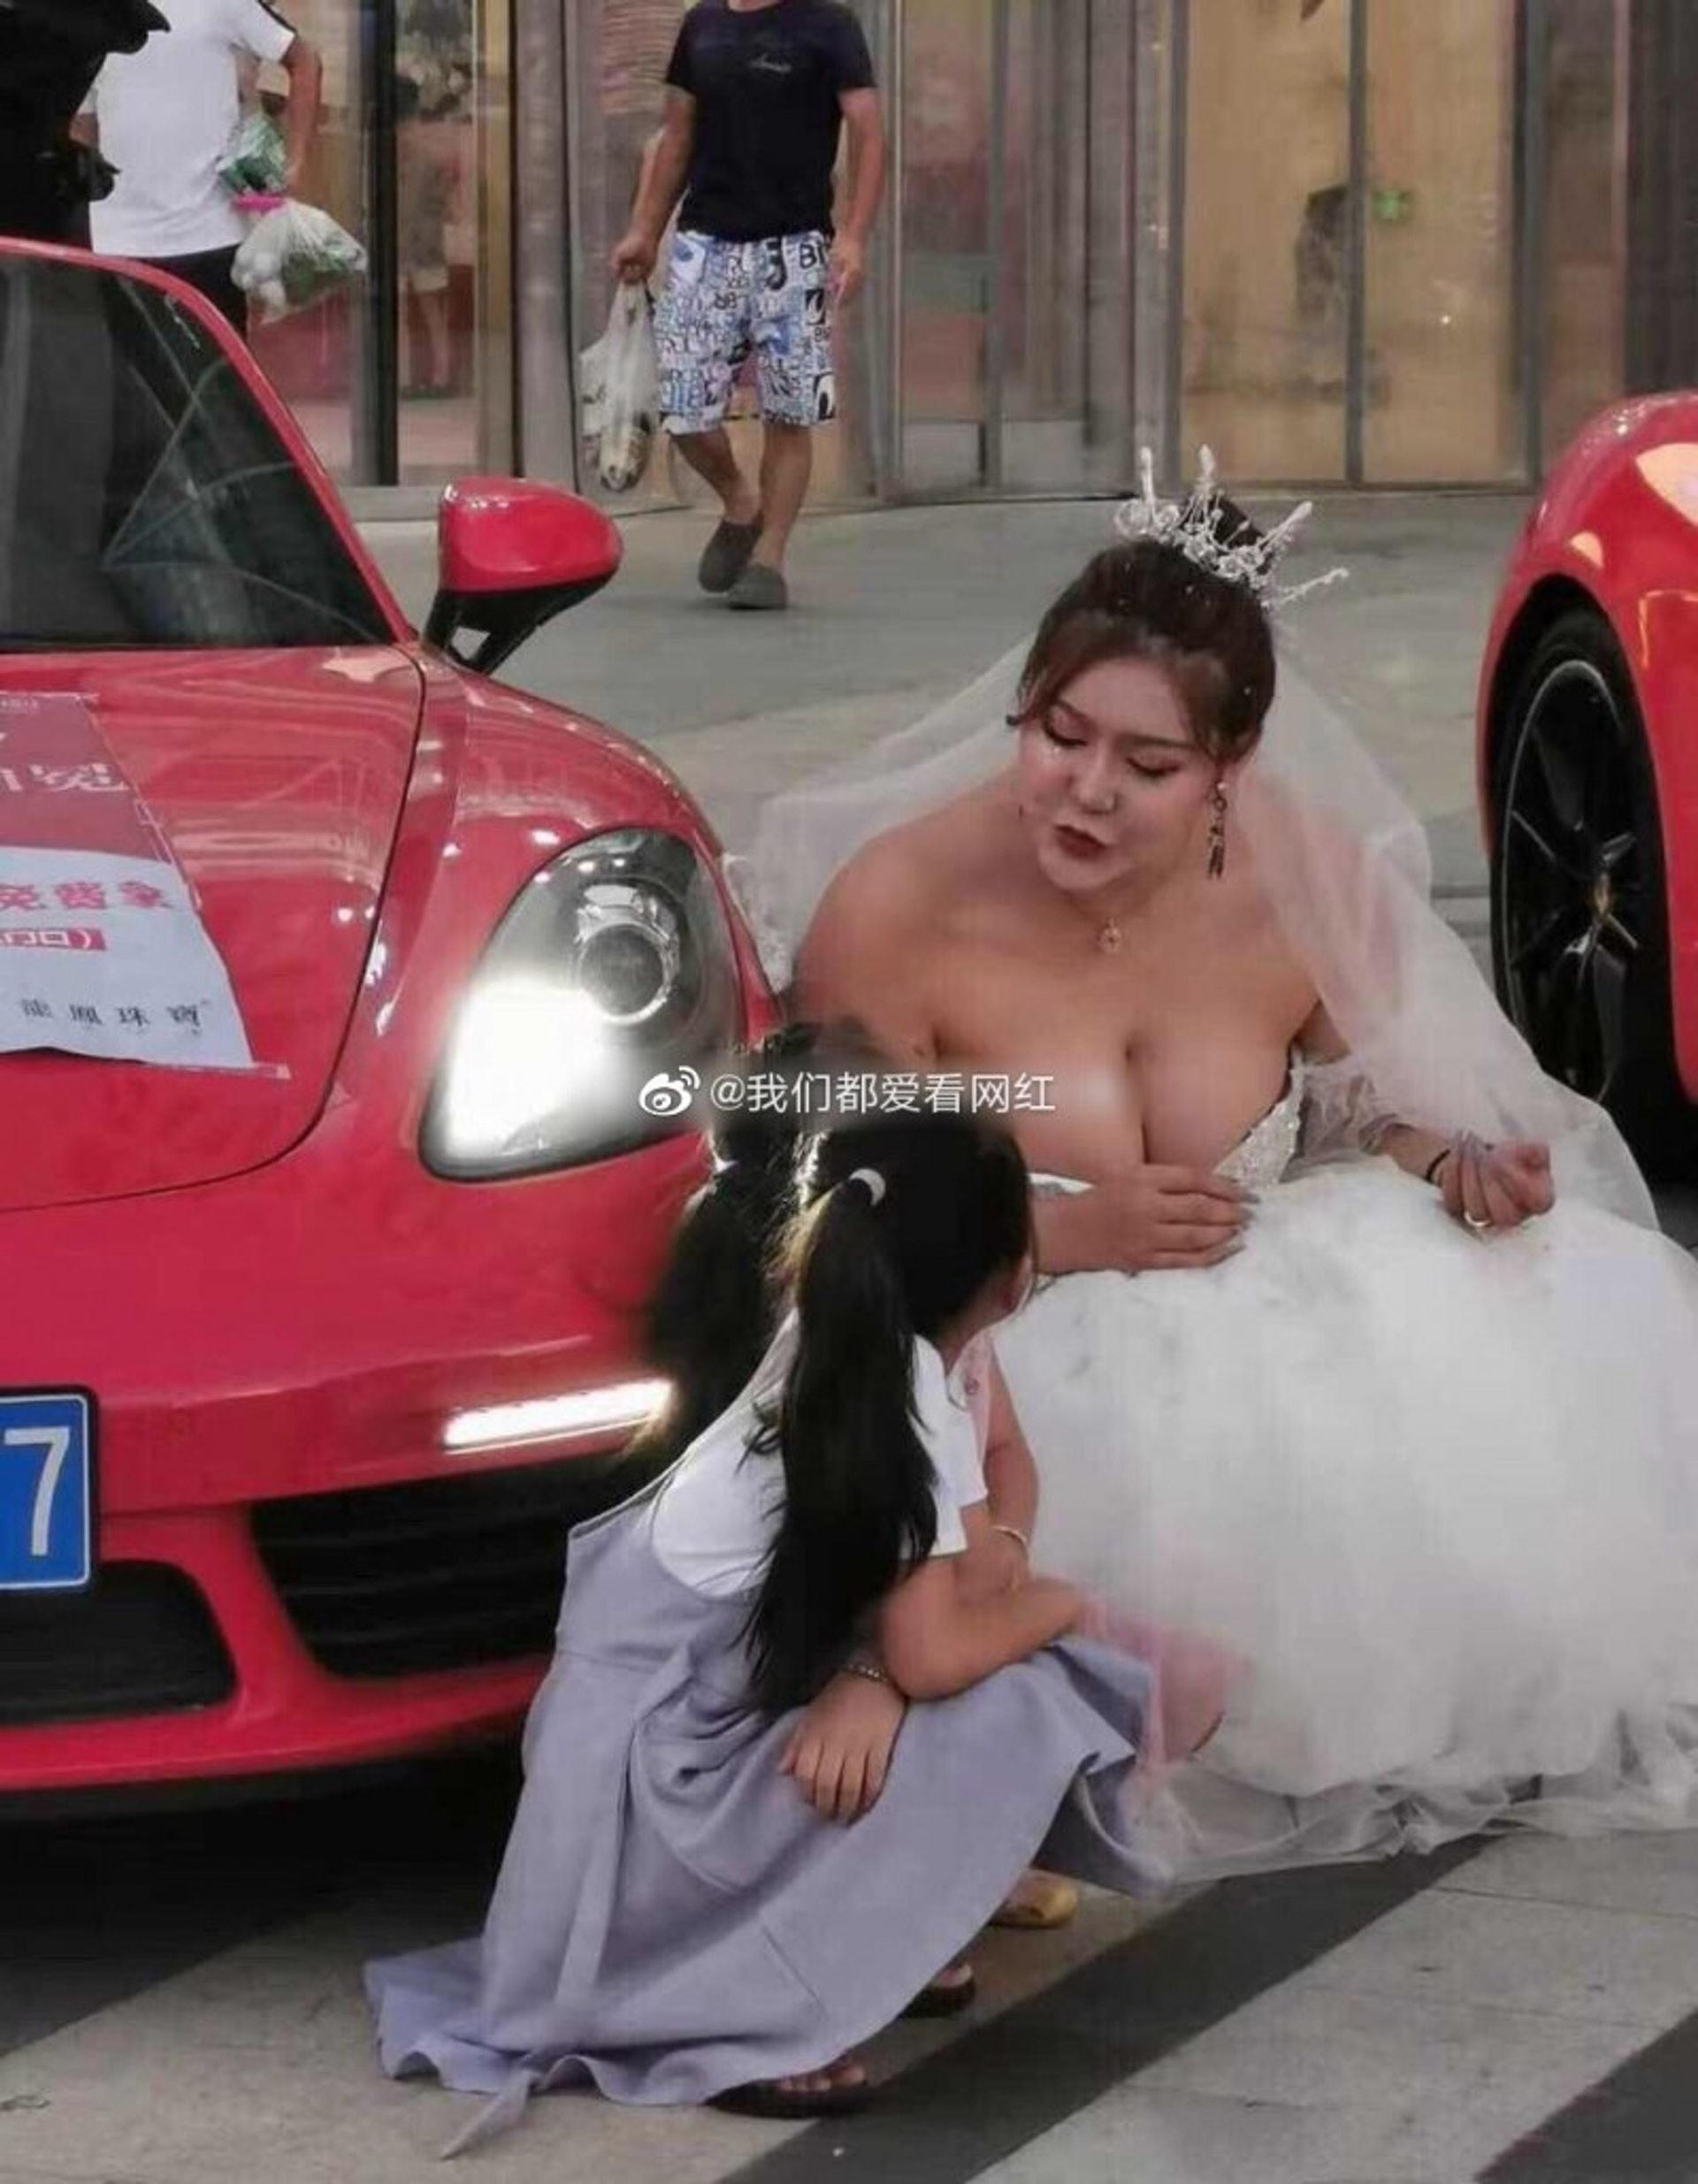 衡丹妮去年的婚紗美照,一樣被路人踢爆真身。(微博圖片)